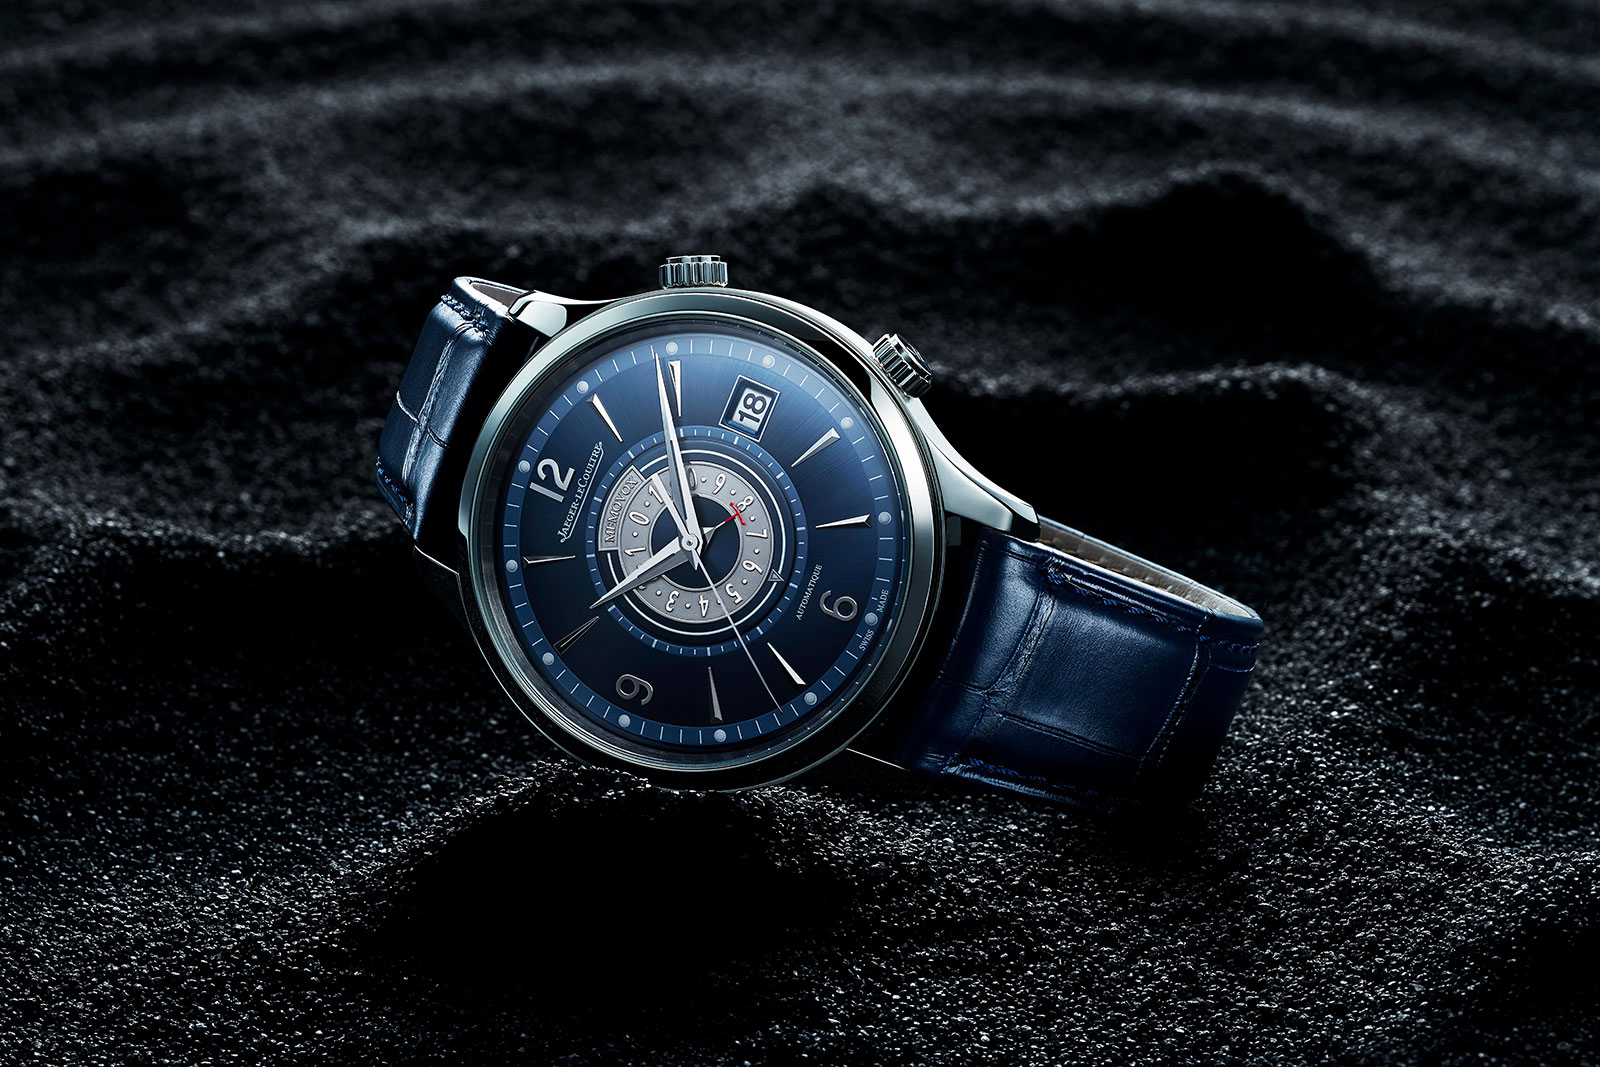 Sự trở lại của bộ đôi đồng hồ báo thức nổi tiếng nhà Jaeger-LeCoultre